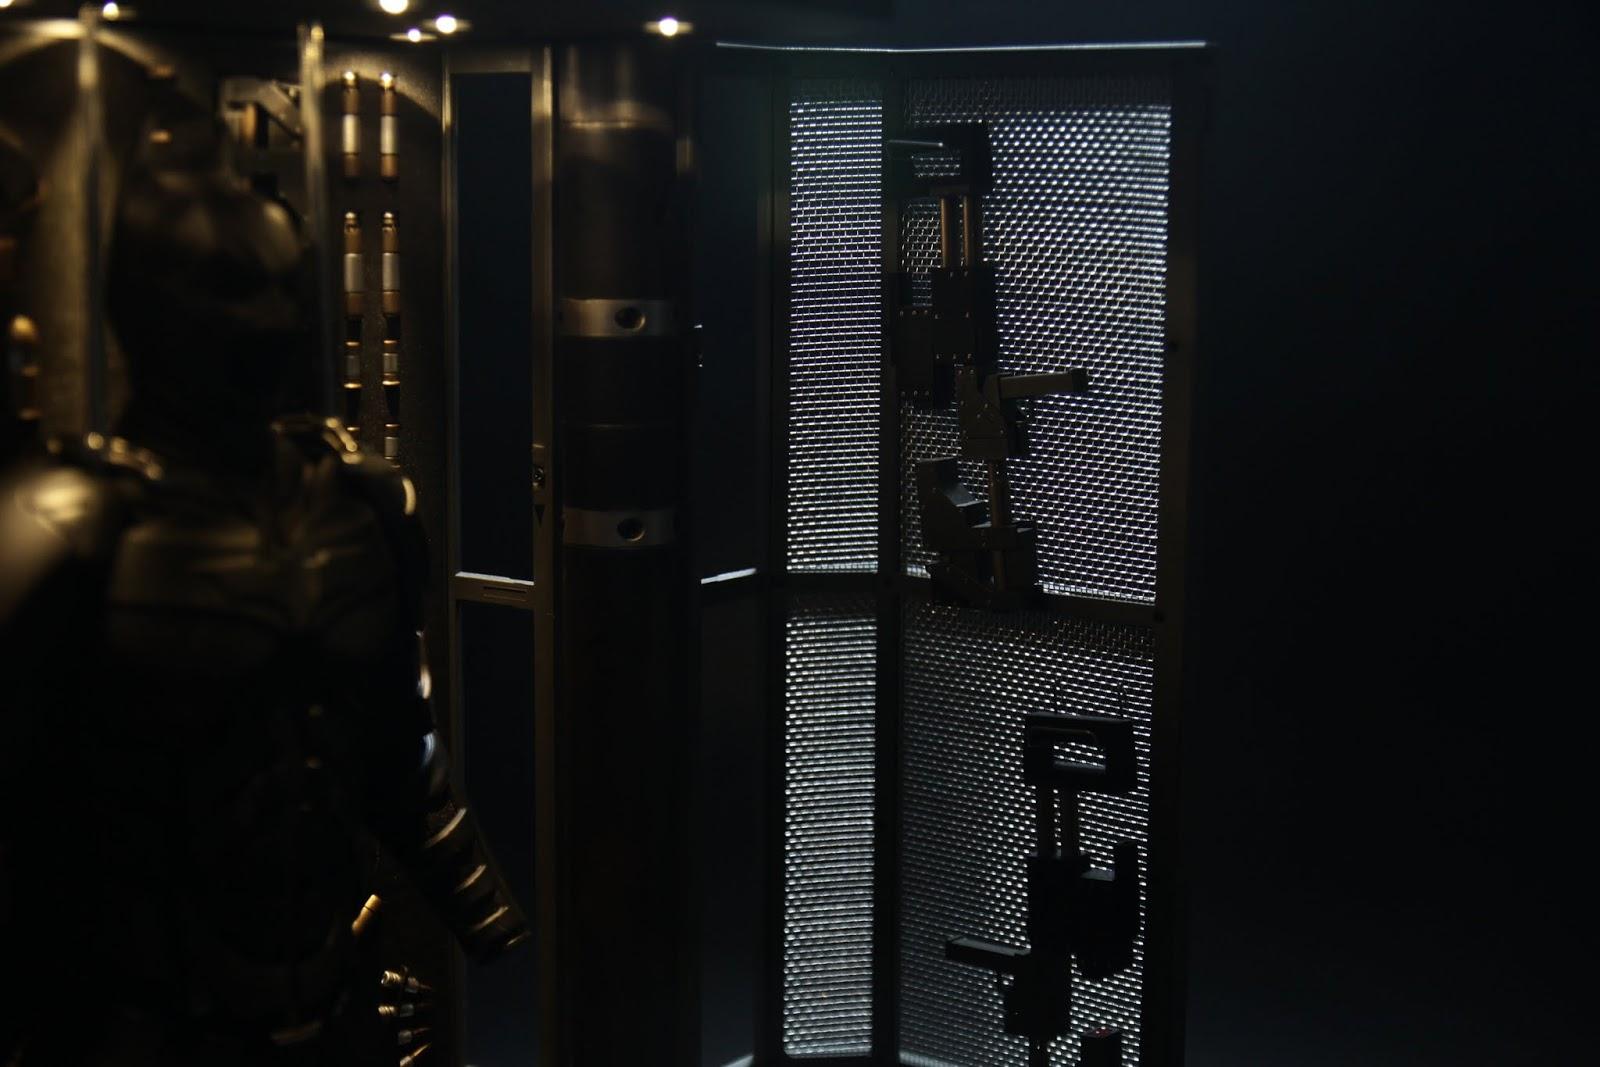 鐵門上是掛著塑膠炸彈槍,